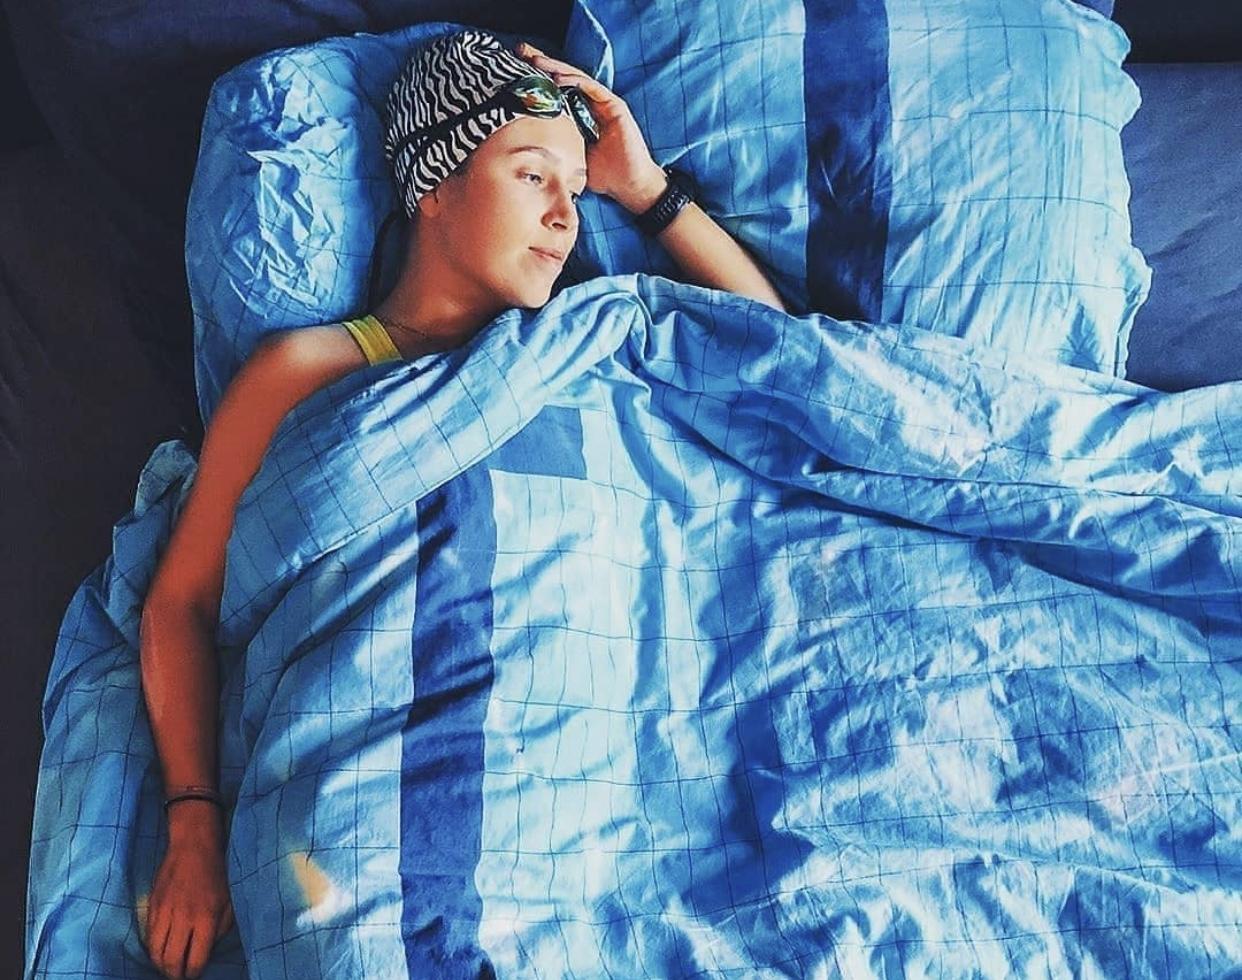 5 دانستنی جالب درباره شناگران و خواب